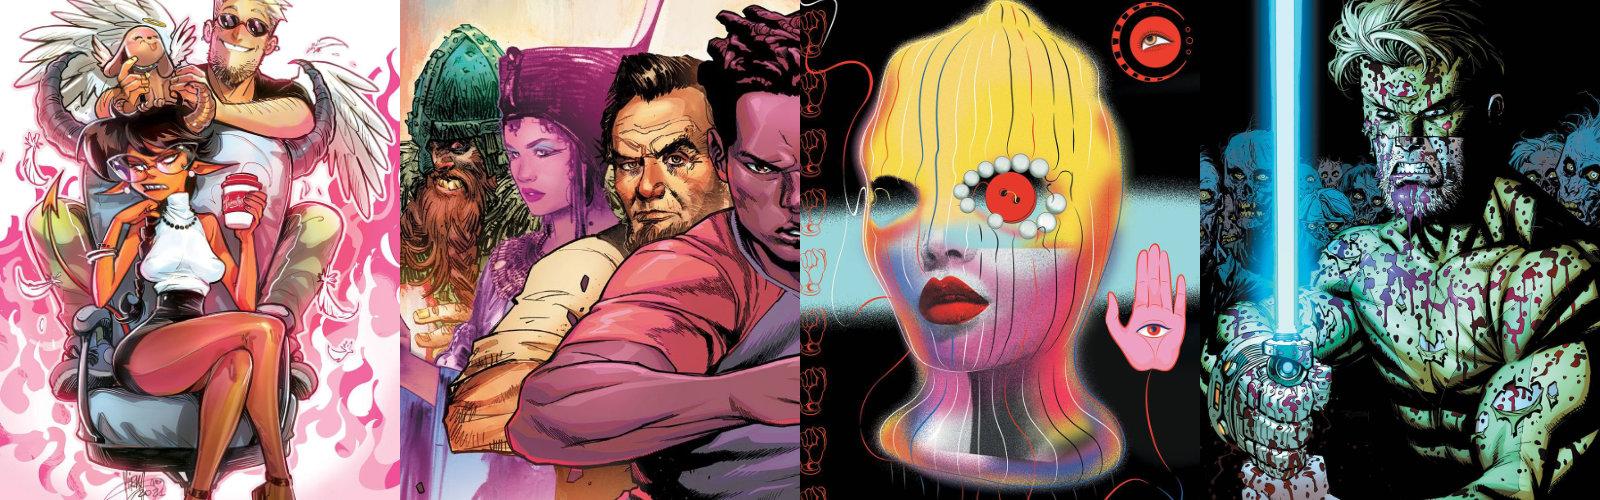 Solicitations: July 2021 – Image Comics